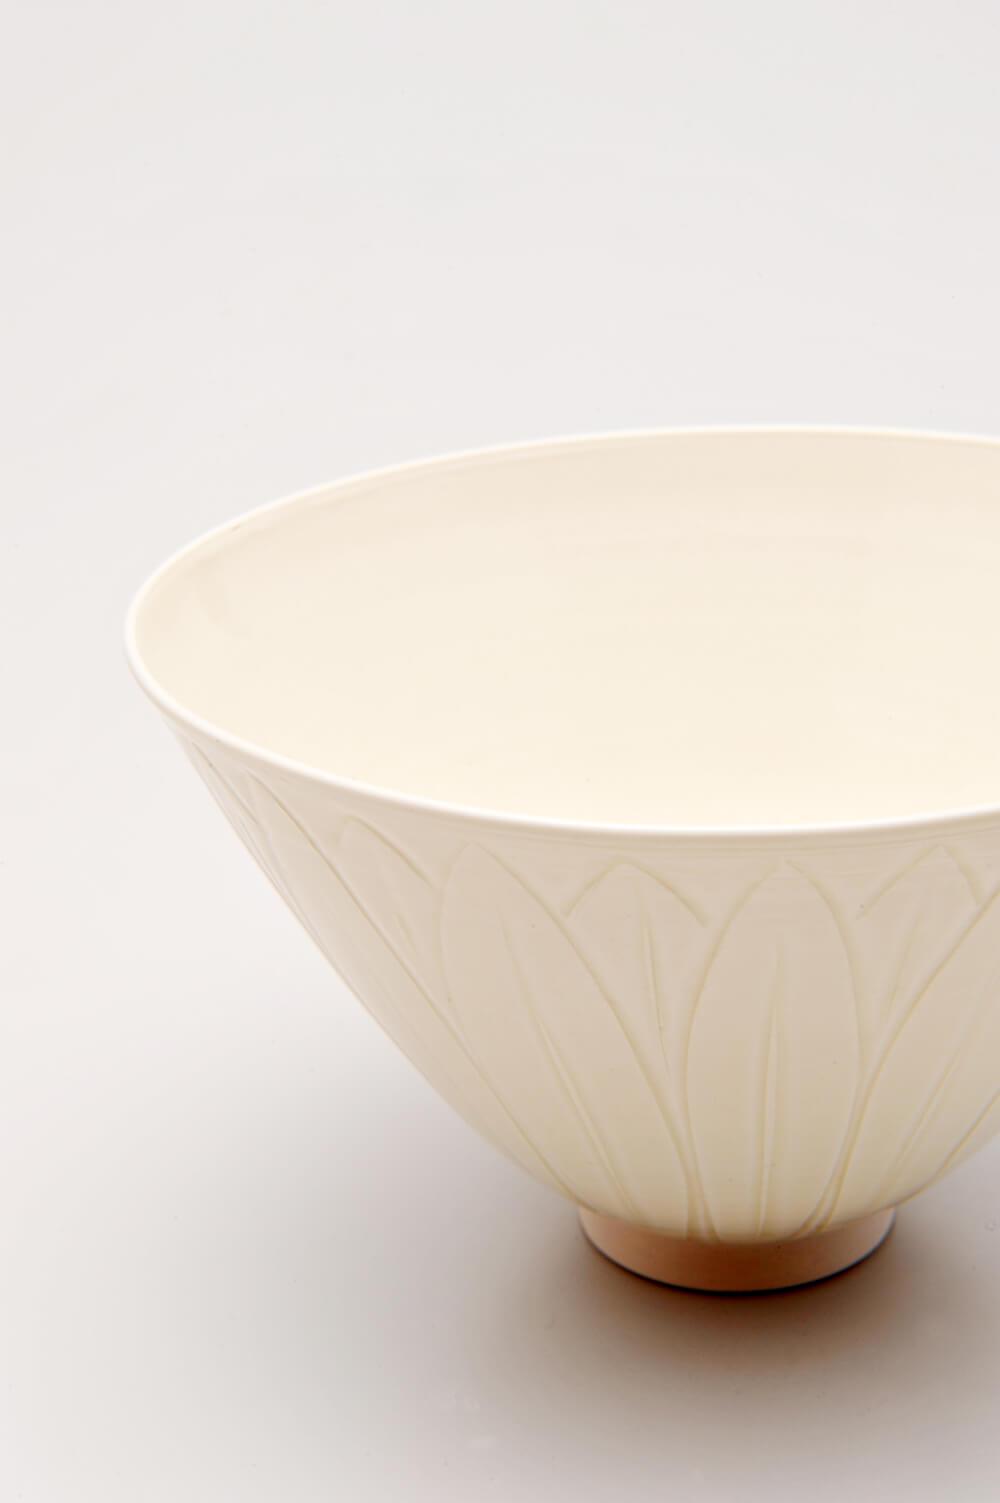 2014年9月13日から開催の「青瓷・白瓷 伊藤 秀人 陶展」の作品1